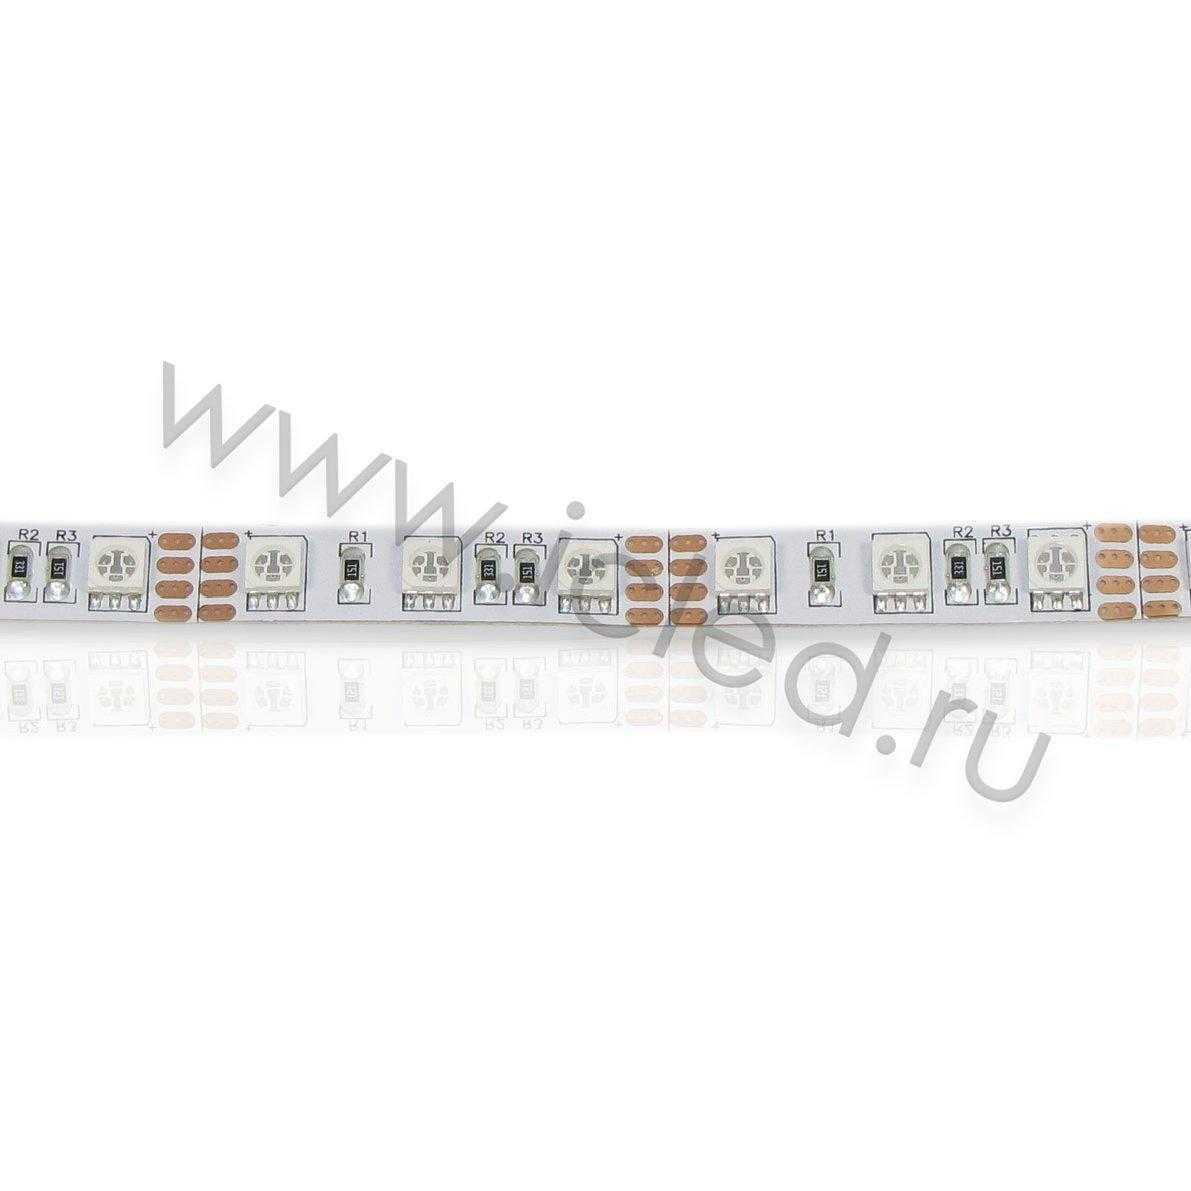 Светодиодная лента Class B, 5050, 72led/m, RGB, 12V, IP33